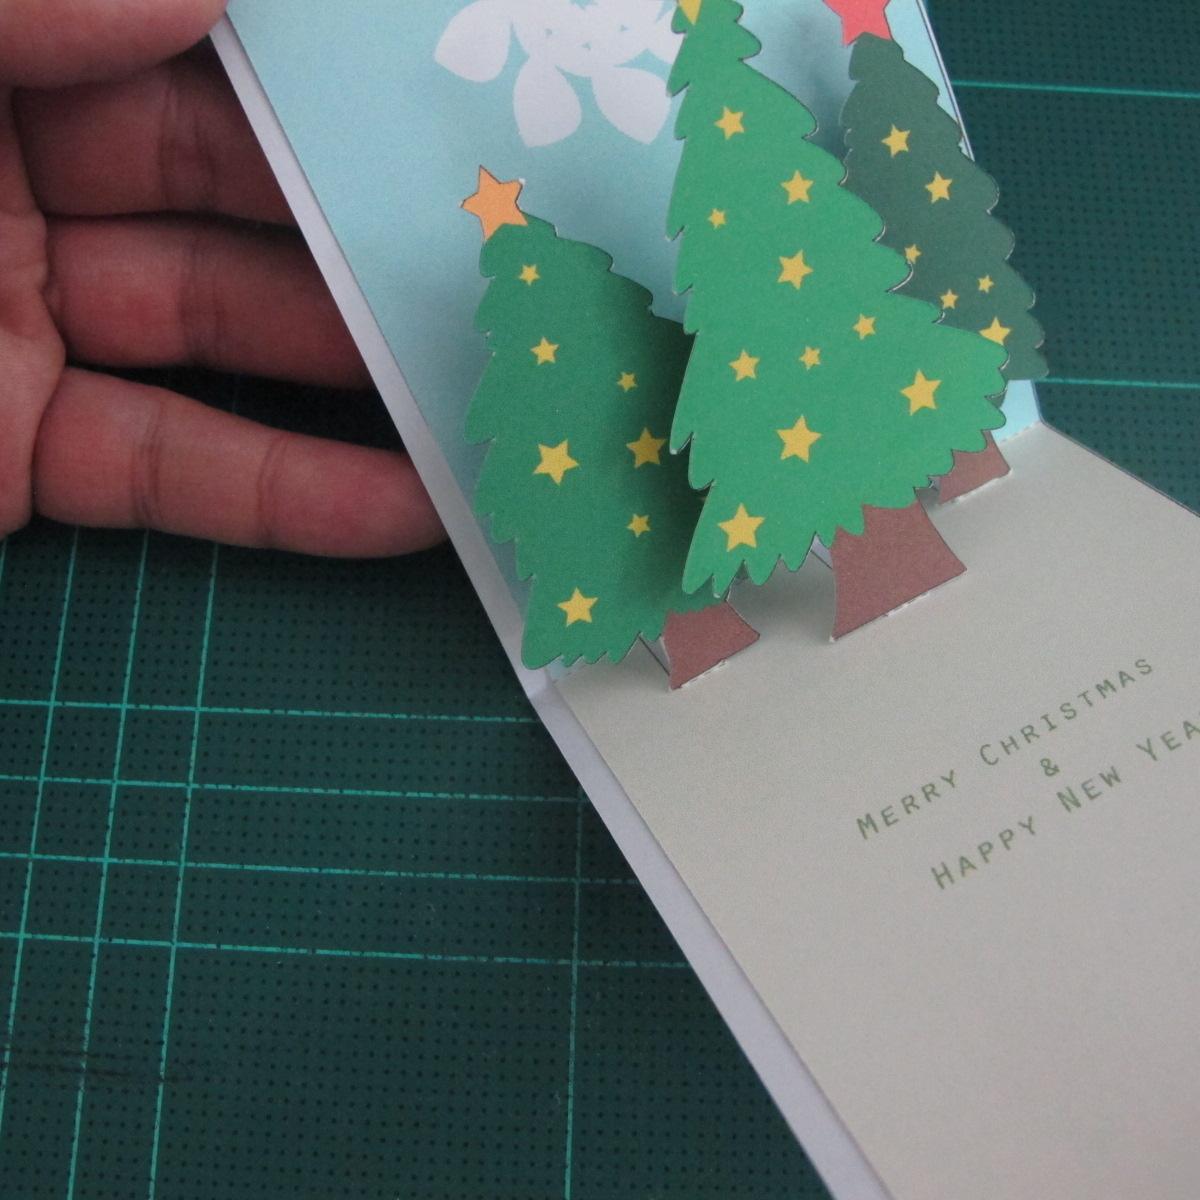 การทำการ์ดอวยพรลายต้นคริสต์มาสแบบป็อปอัป (Card Making Christmas Trees Pop-Up Card Template) 012